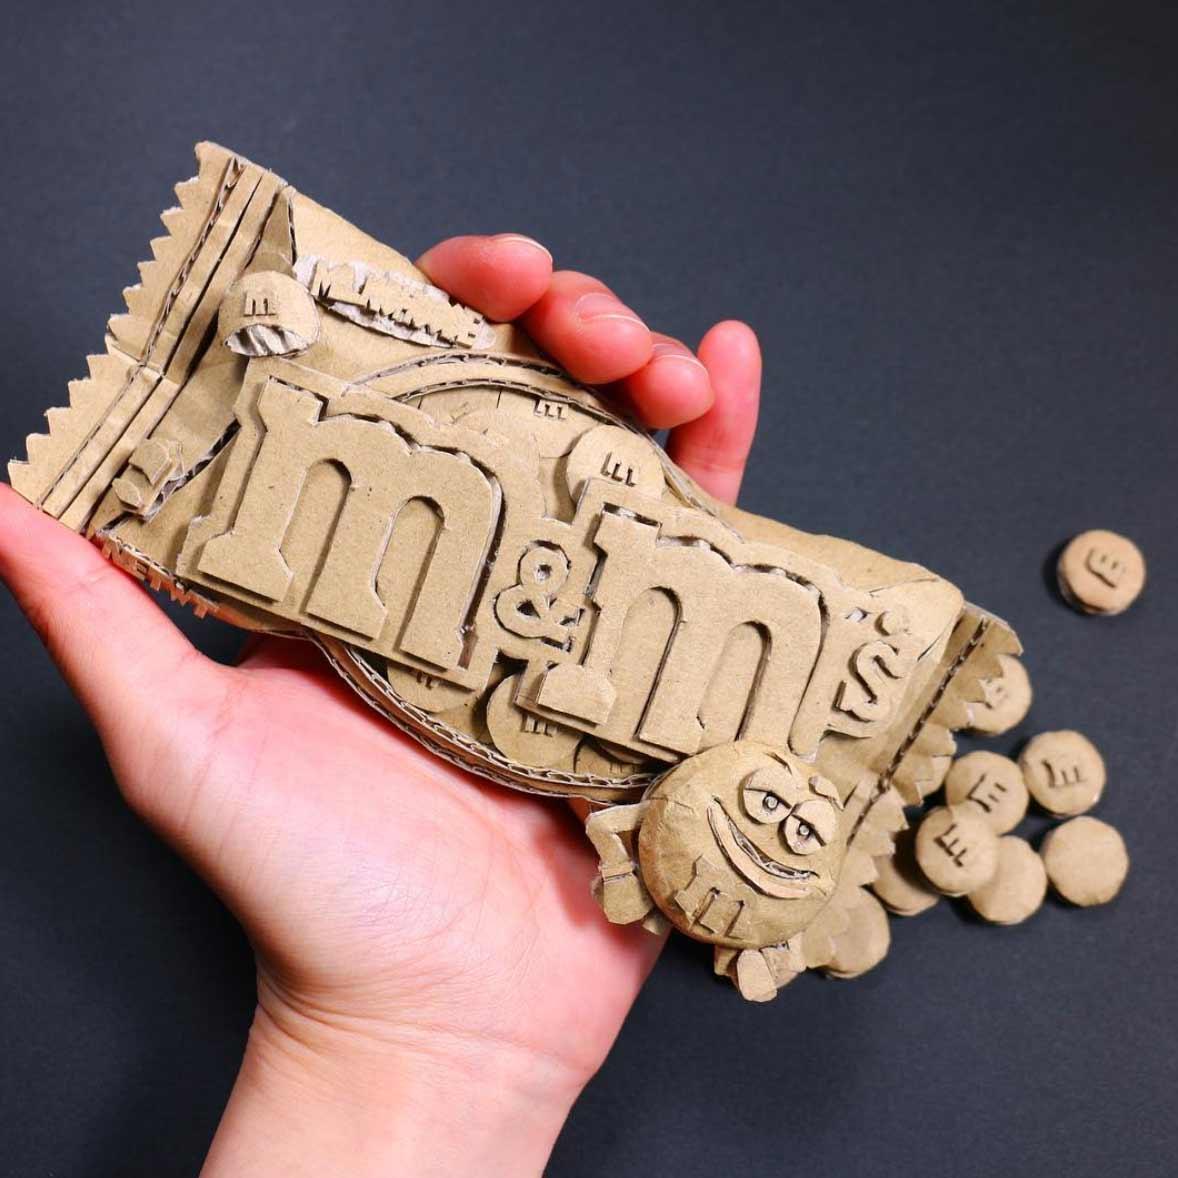 Neue Karton-Skulpturen von Monomi Ohno Monomi-Ohno-amazonkartons-skulpturen_2019_07